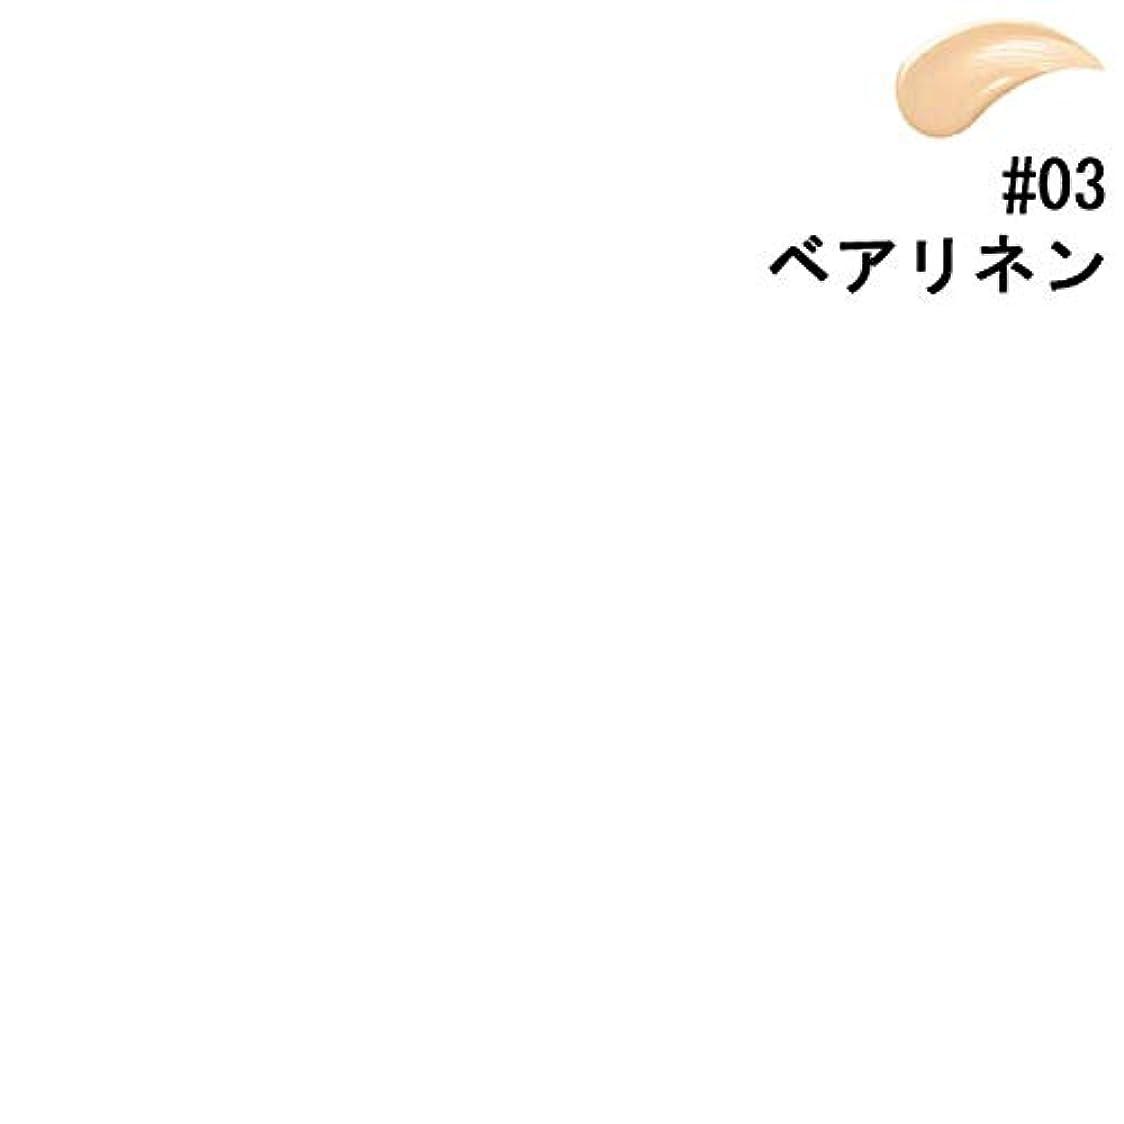 受益者ラジエーターヘロイン【ベアミネラル】ベアミネラル ベア ファンデーション #03 ベアリネン 30ml [並行輸入品]